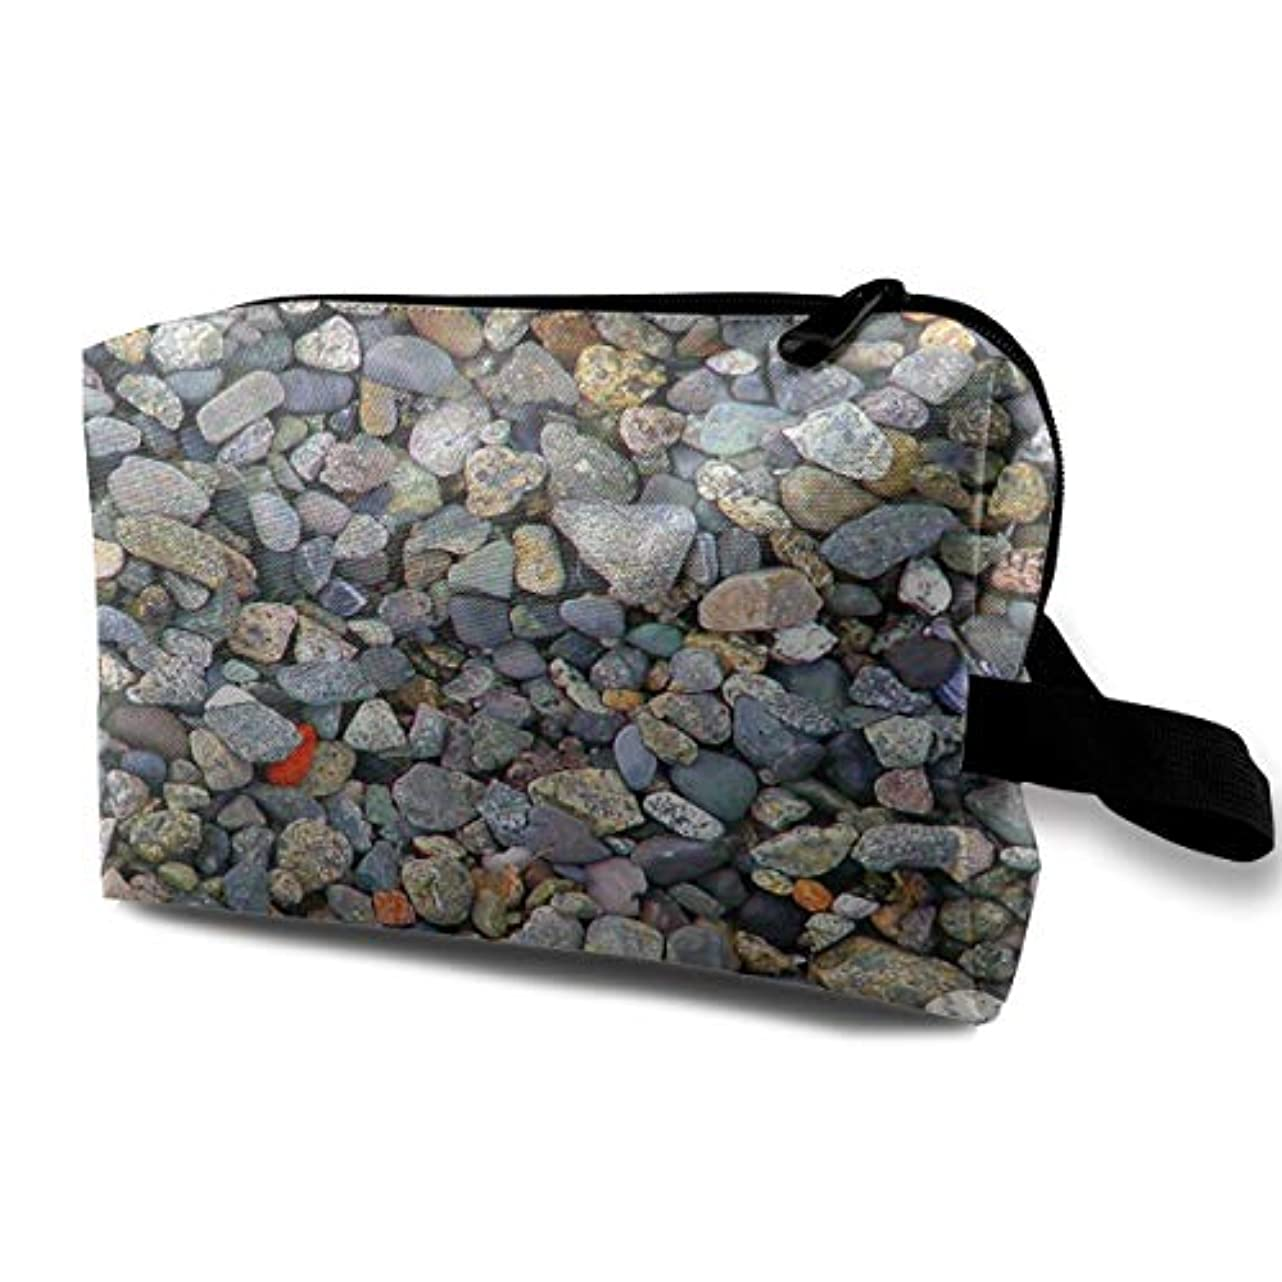 駐地テスピアン首相Beach Stones 収納ポーチ 化粧ポーチ 大容量 軽量 耐久性 ハンドル付持ち運び便利。入れ 自宅?出張?旅行?アウトドア撮影などに対応。メンズ レディース トラベルグッズ